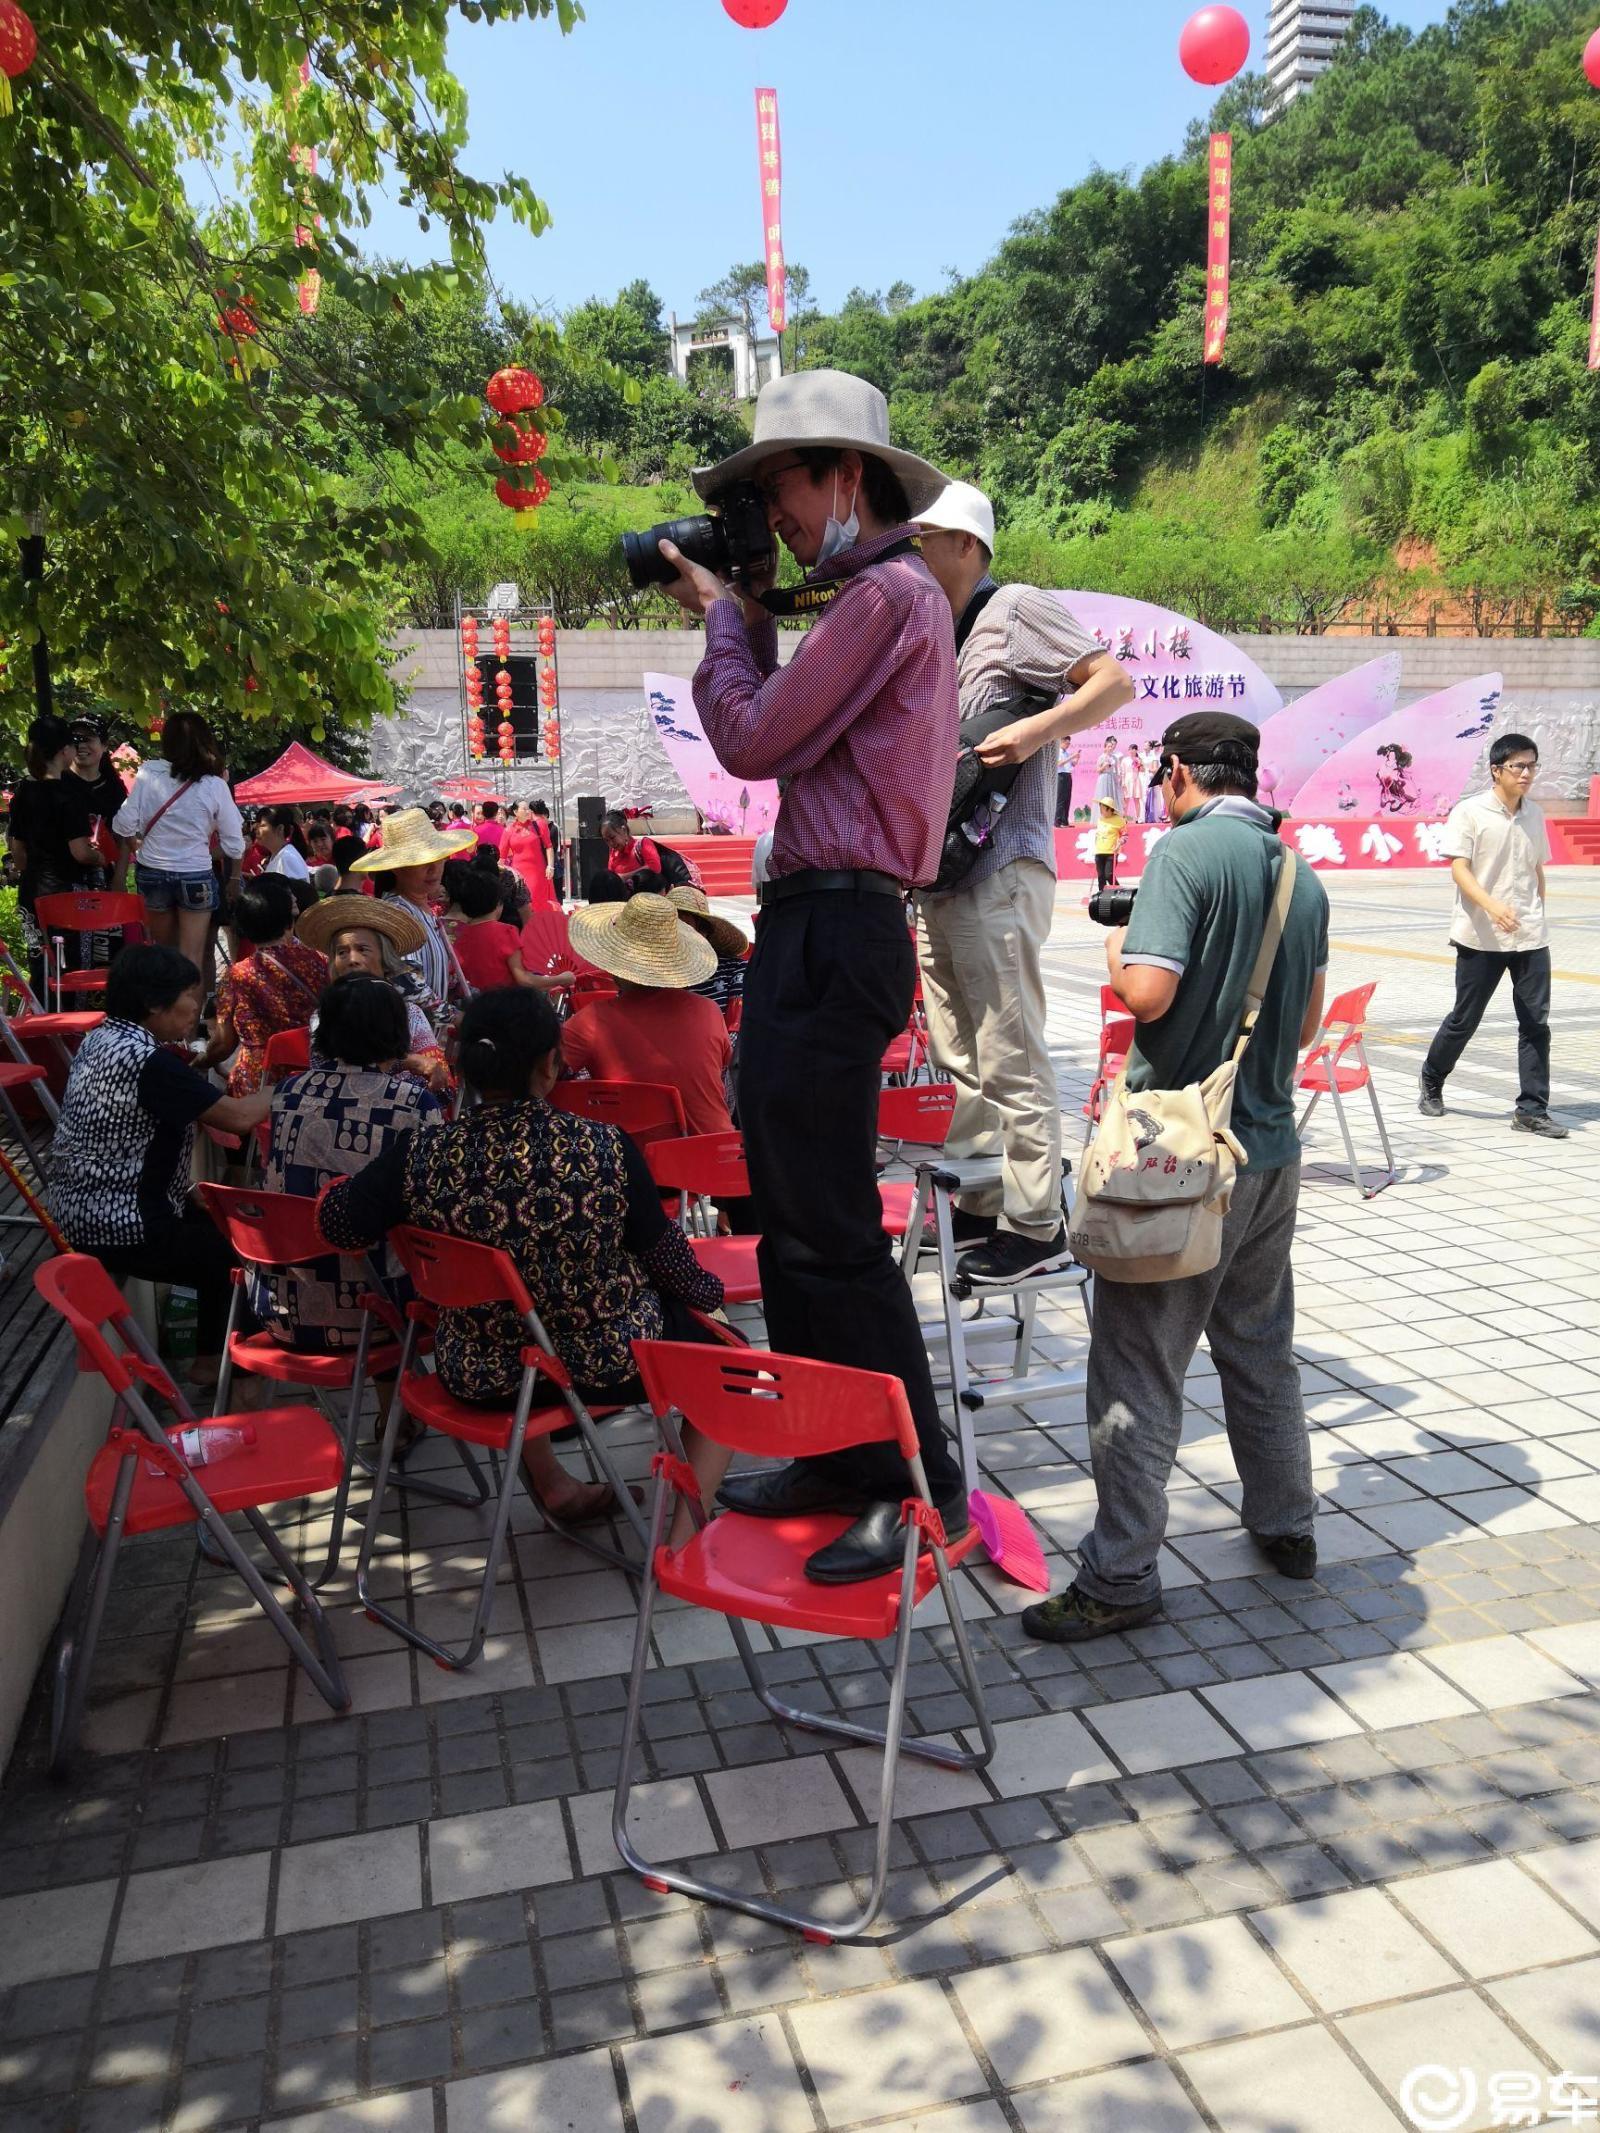 【我在广坛】何仙姑文化旅游节